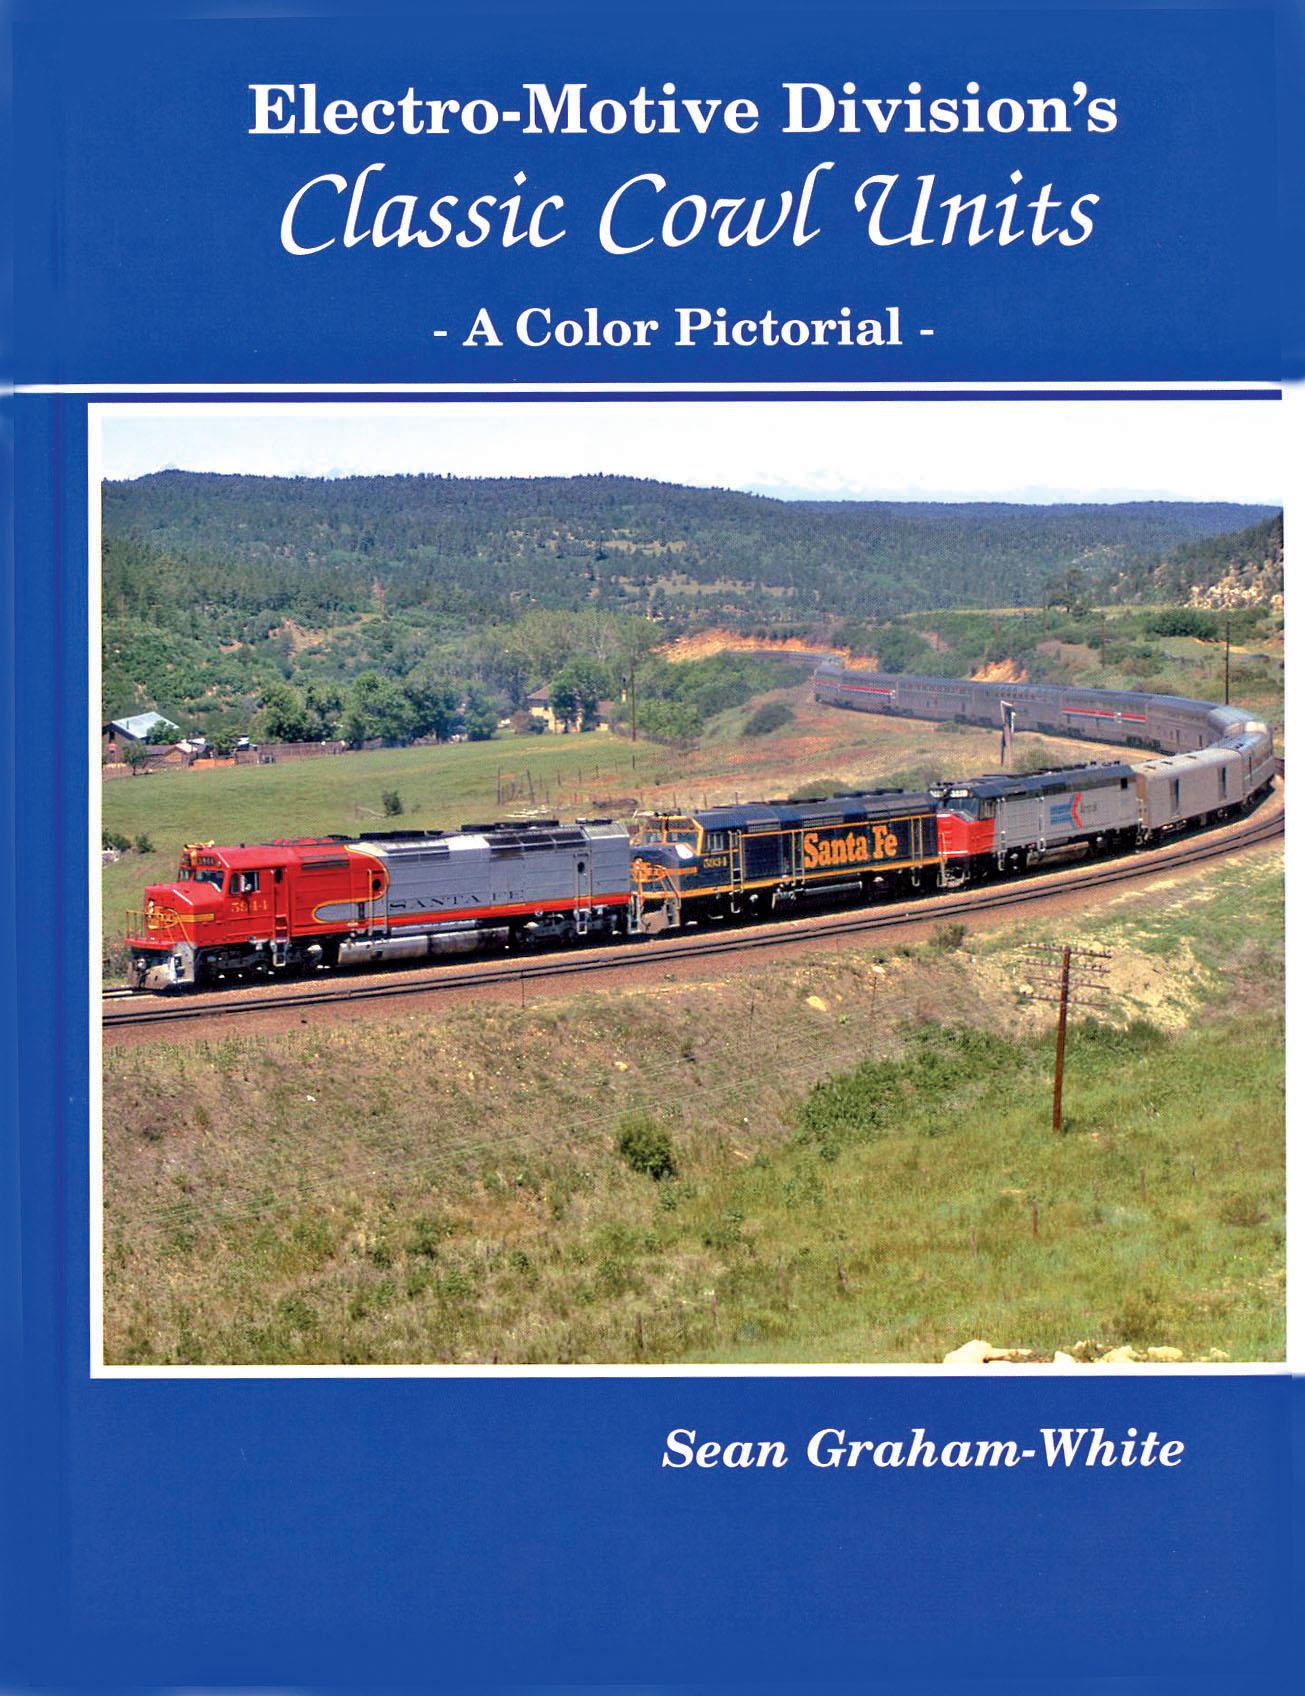 EMD's Classic Cowl Units